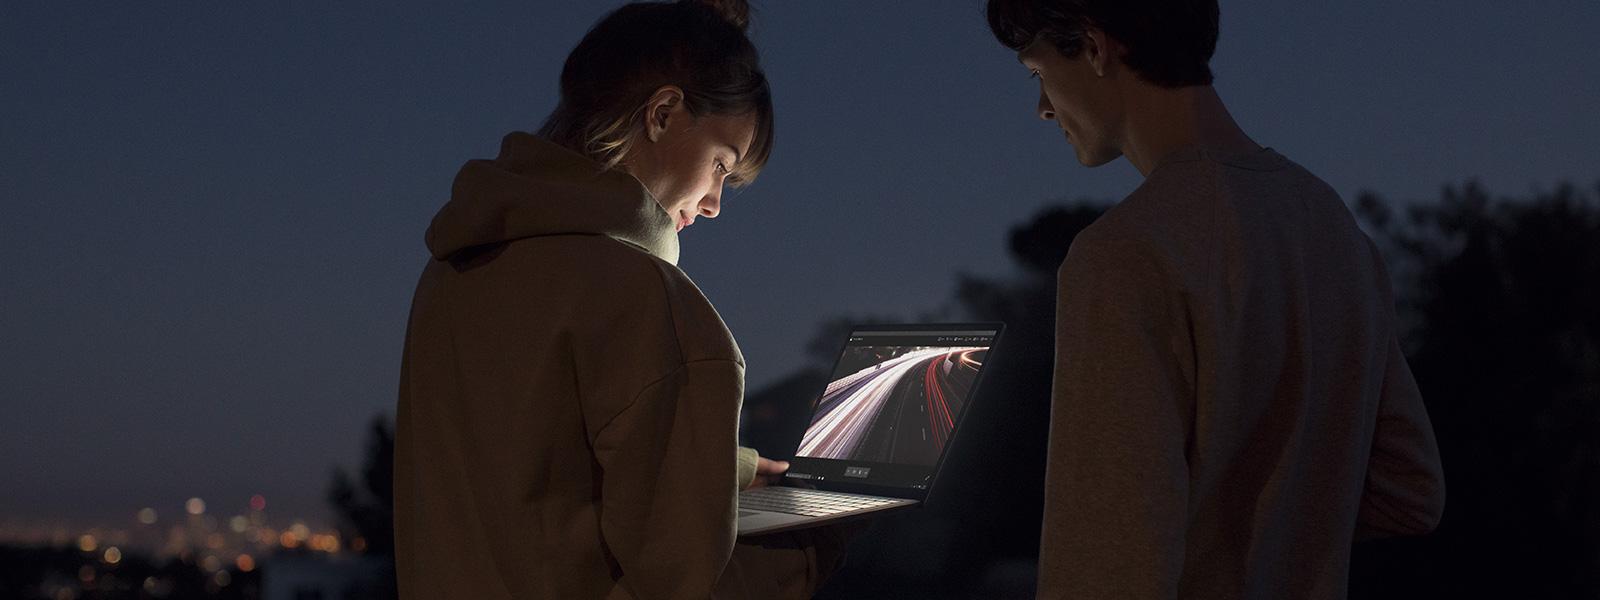 Kaksi ihmistä käyttämässä Surfacea pimeässä